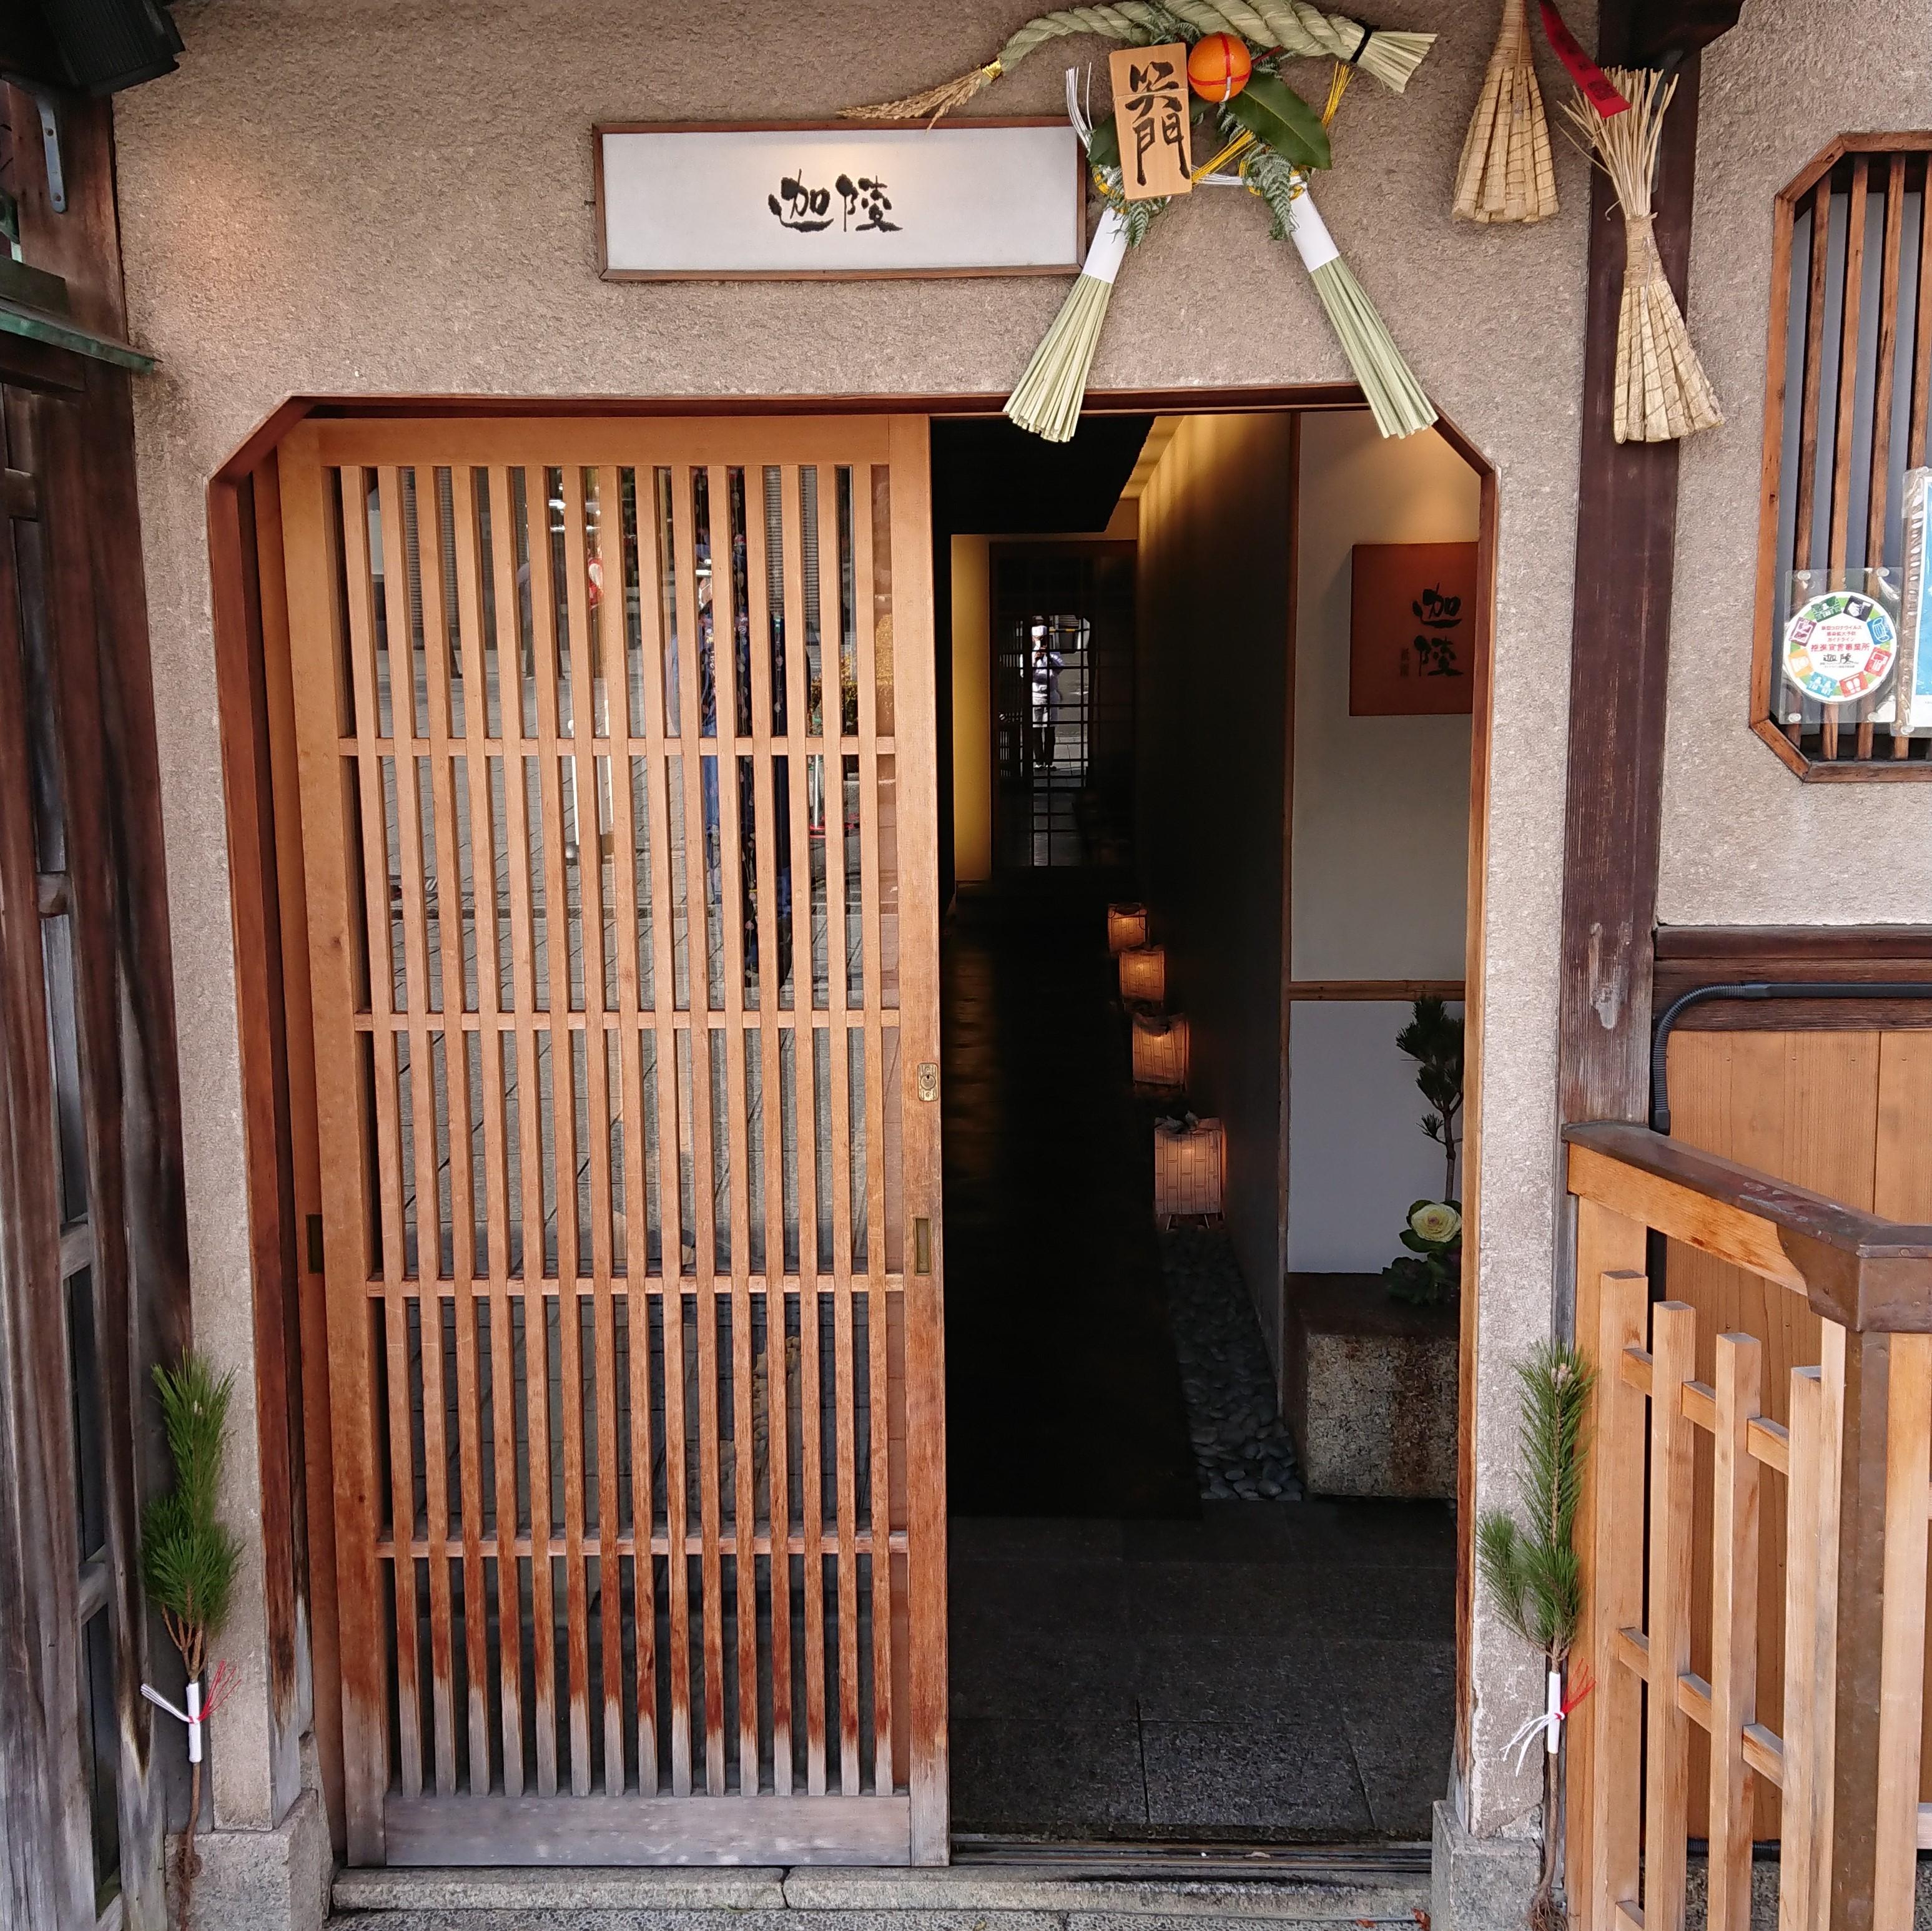 http://www.karyo-kyoto.jp/gion/info/images/DSC_2395.jpg